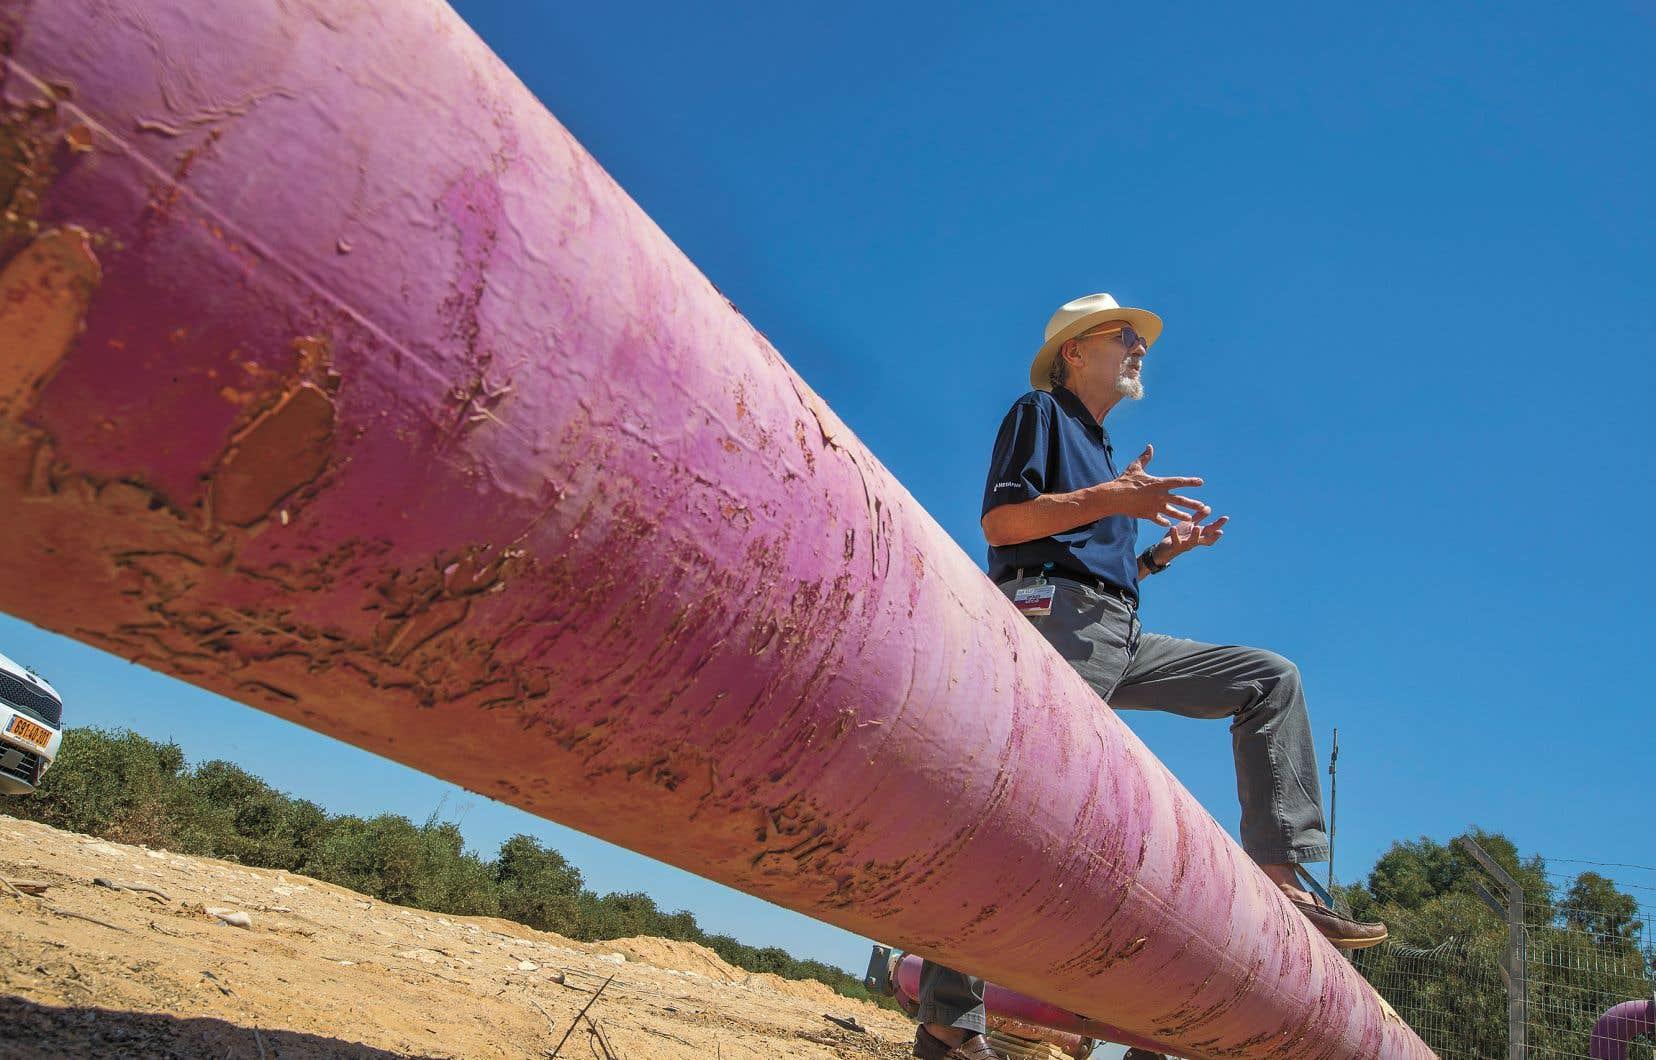 Un pipeline achemine de l'eau à un champ dans le désert du Néguev, dans le sud d'Israël. Natan Barak, de l'entreprise d'irrigation Netafim, surveille une plantation de jojoba près du kibboutz Hatzerim.